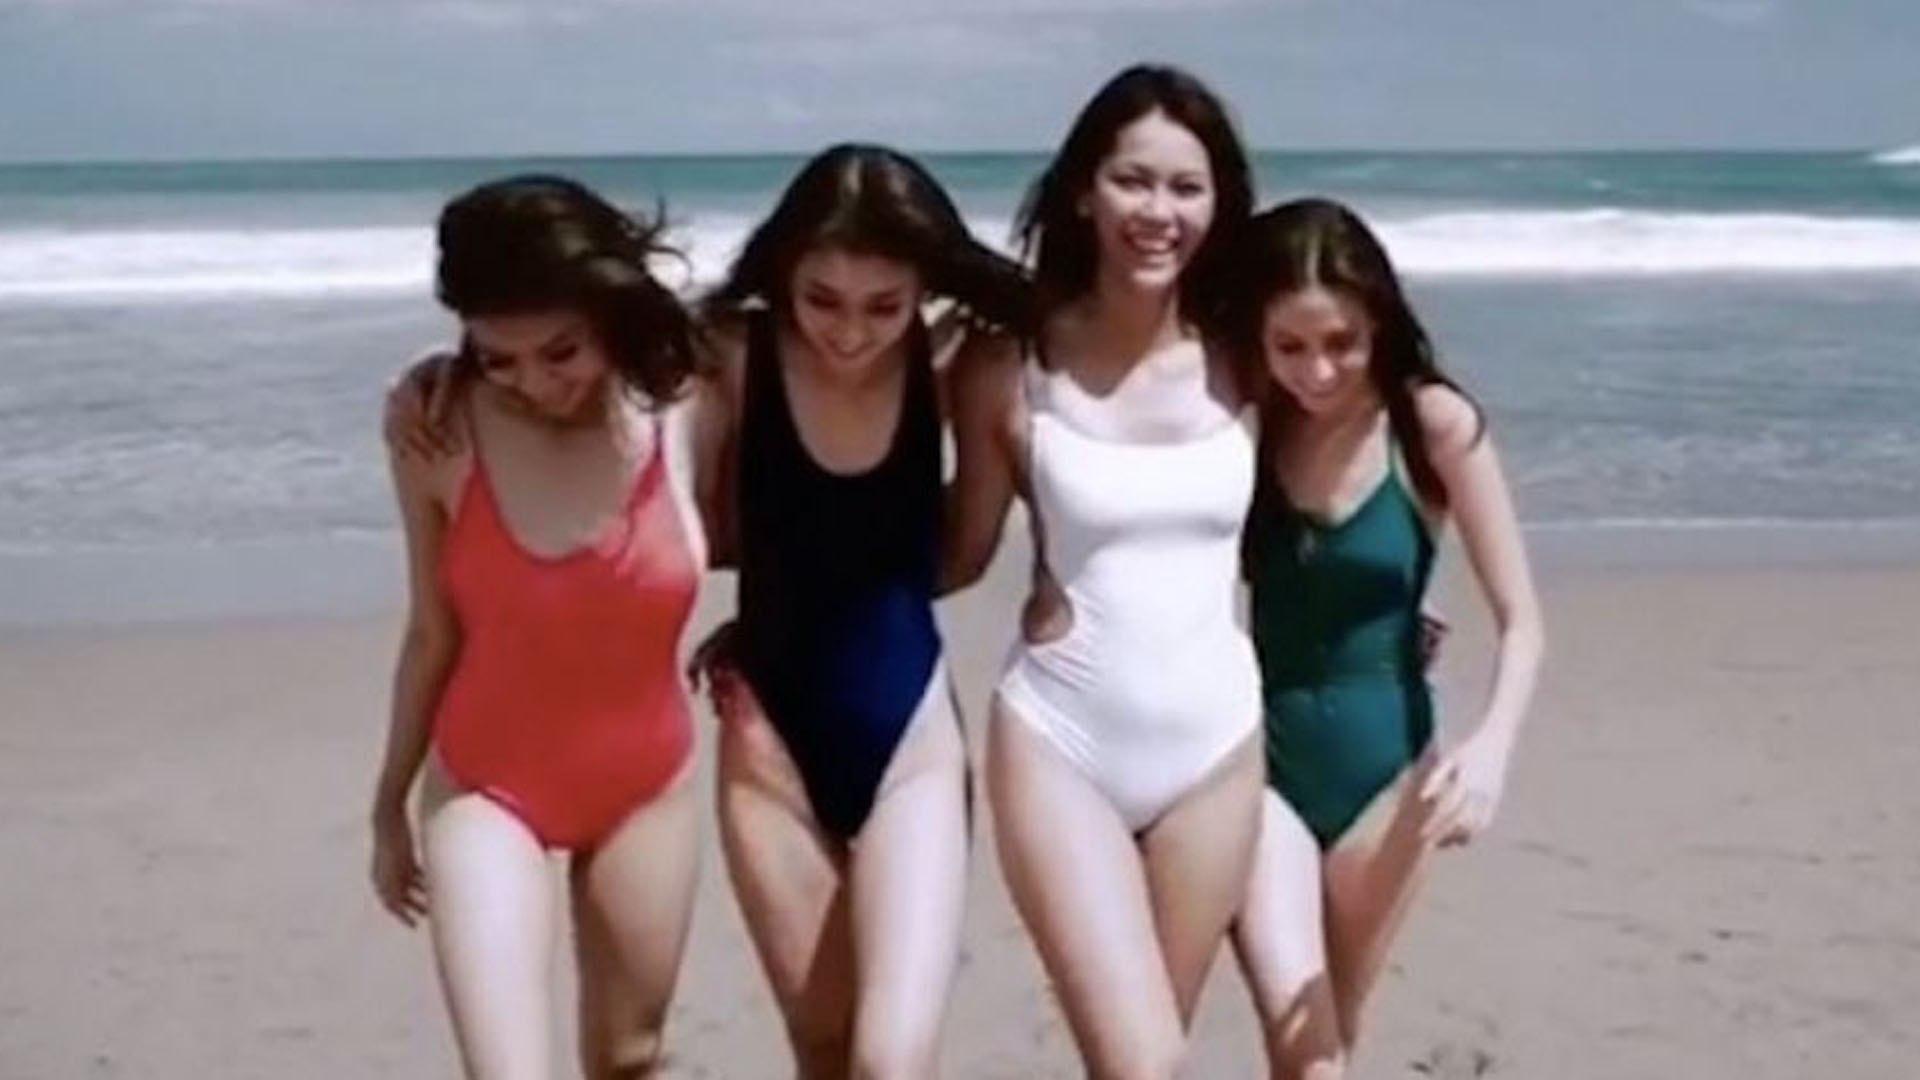 Wanita Asia eksotis, putri Indonesia hingga wanita tercantik di Thailand - Kompilasi